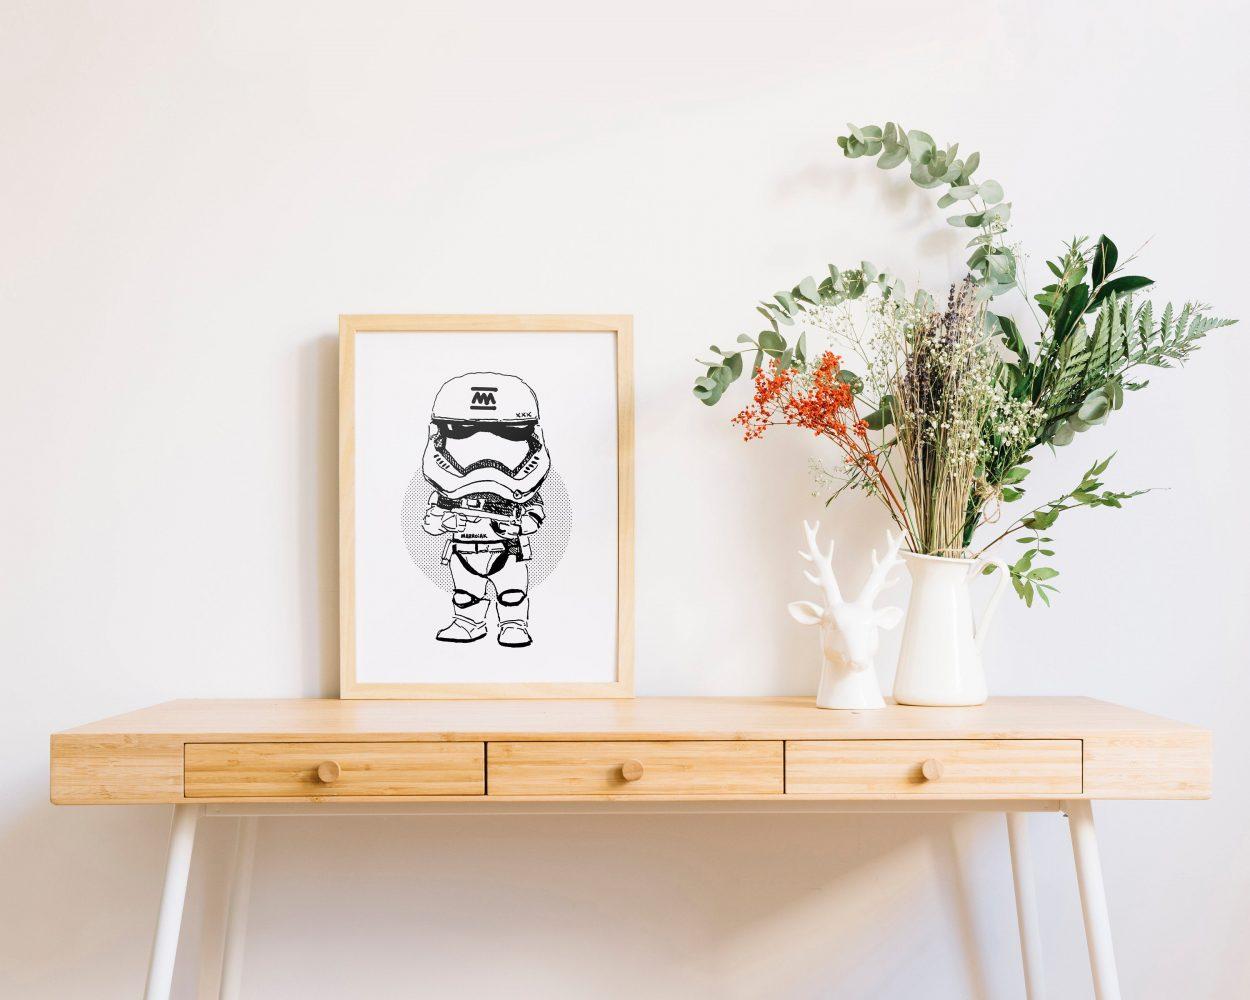 Lámina enmarcada con una ilustración de un Stormtrooper de la saga de películas Star Wars. Dibujo en blanco y negro